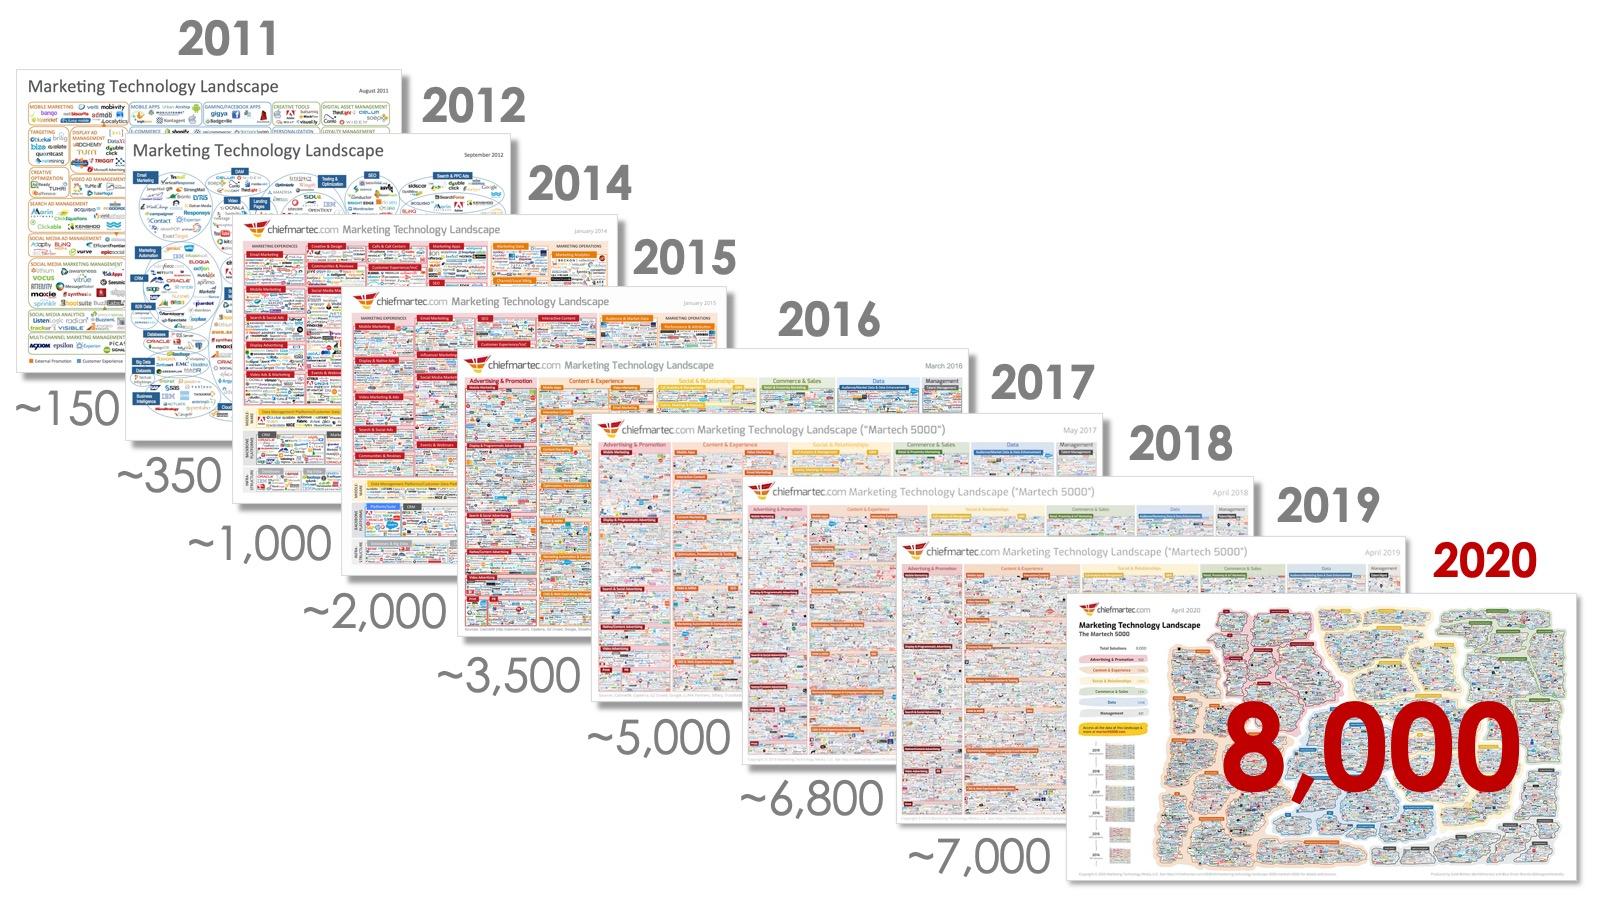 martech-landscape-2011-2020